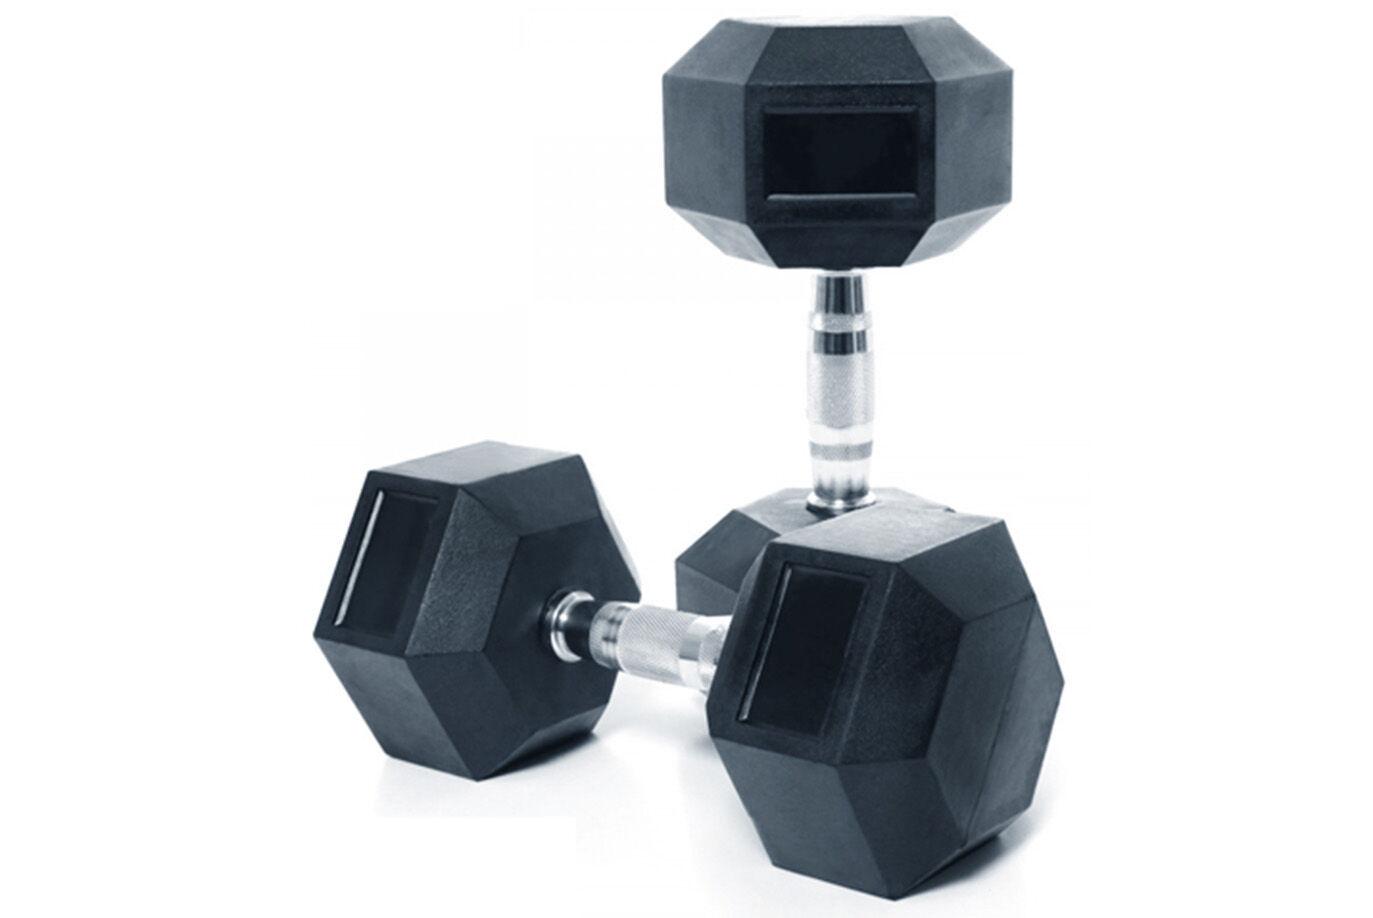 16kg Dumbbells from JTX Fitness